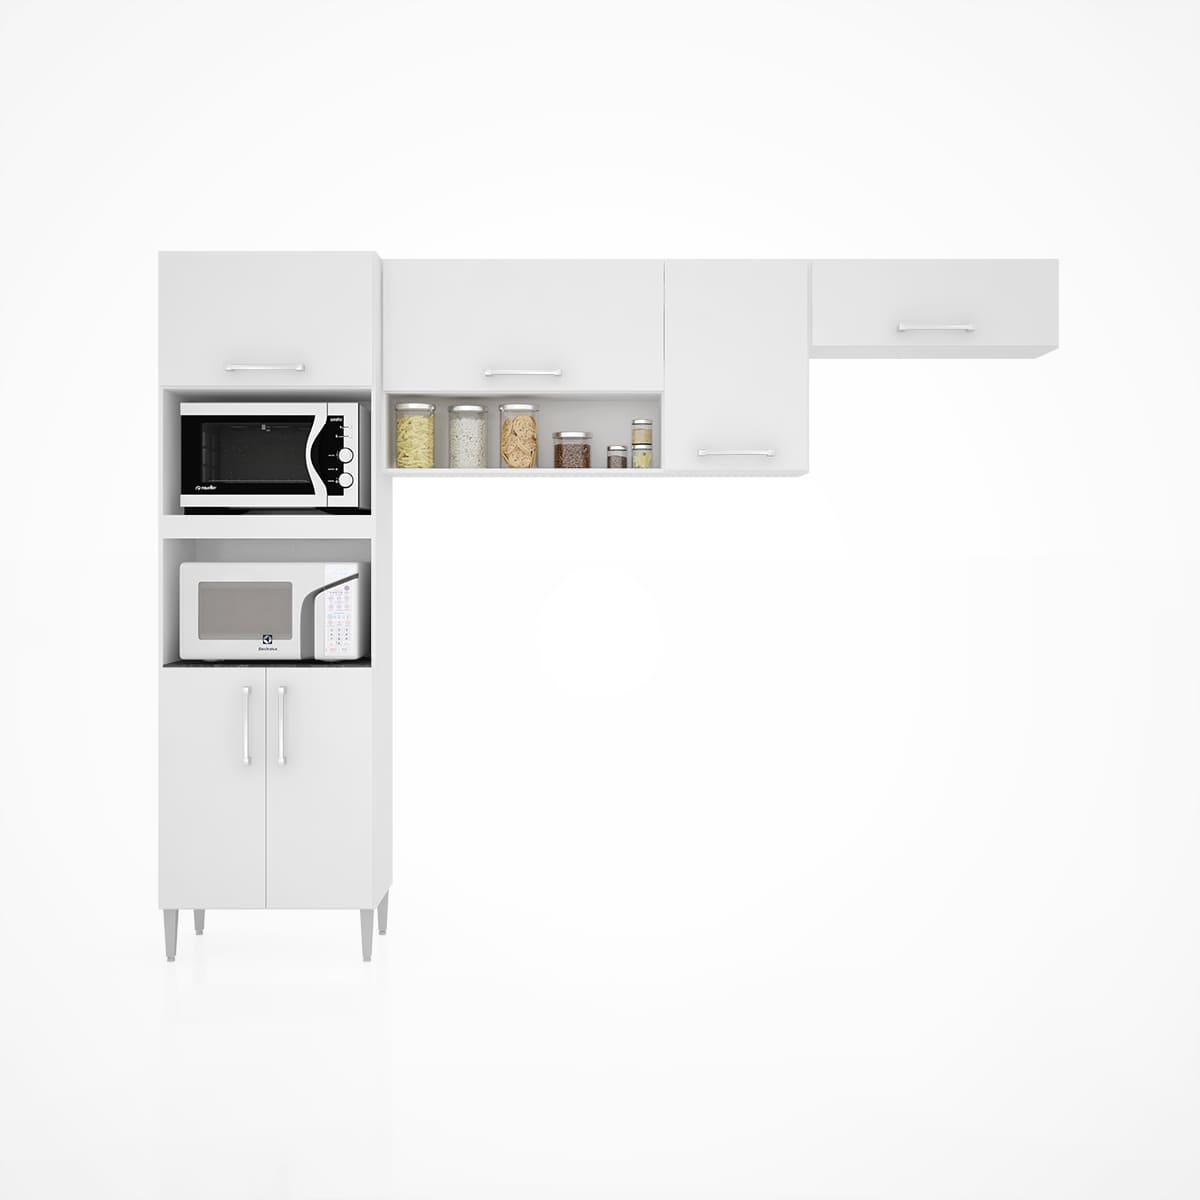 Cozinha Sharmilla Completa 3 Peças Branco A593.00 Poquema